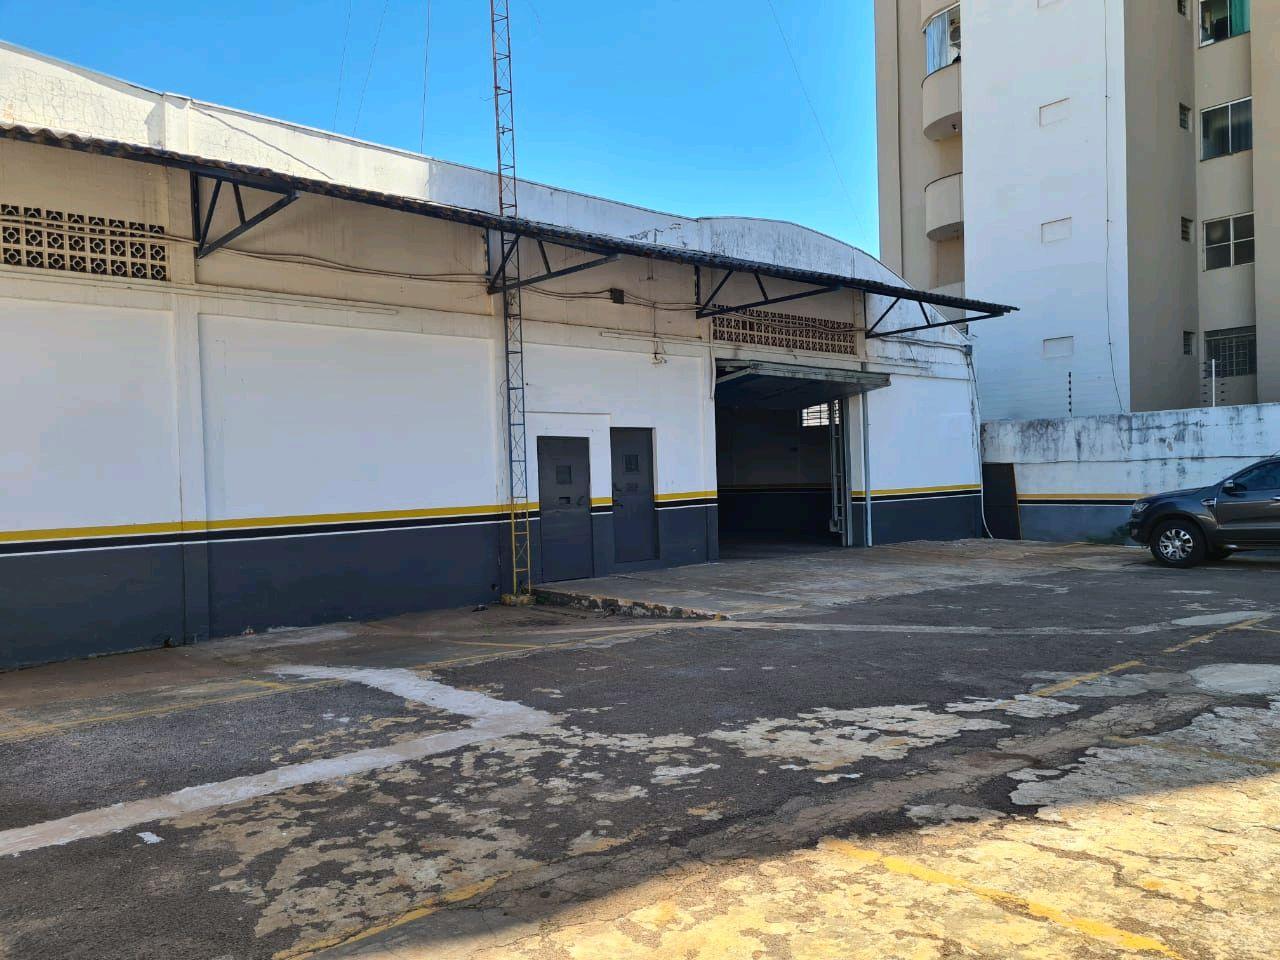 Barracão para alugar em Maringá - PR ,  Zona 07